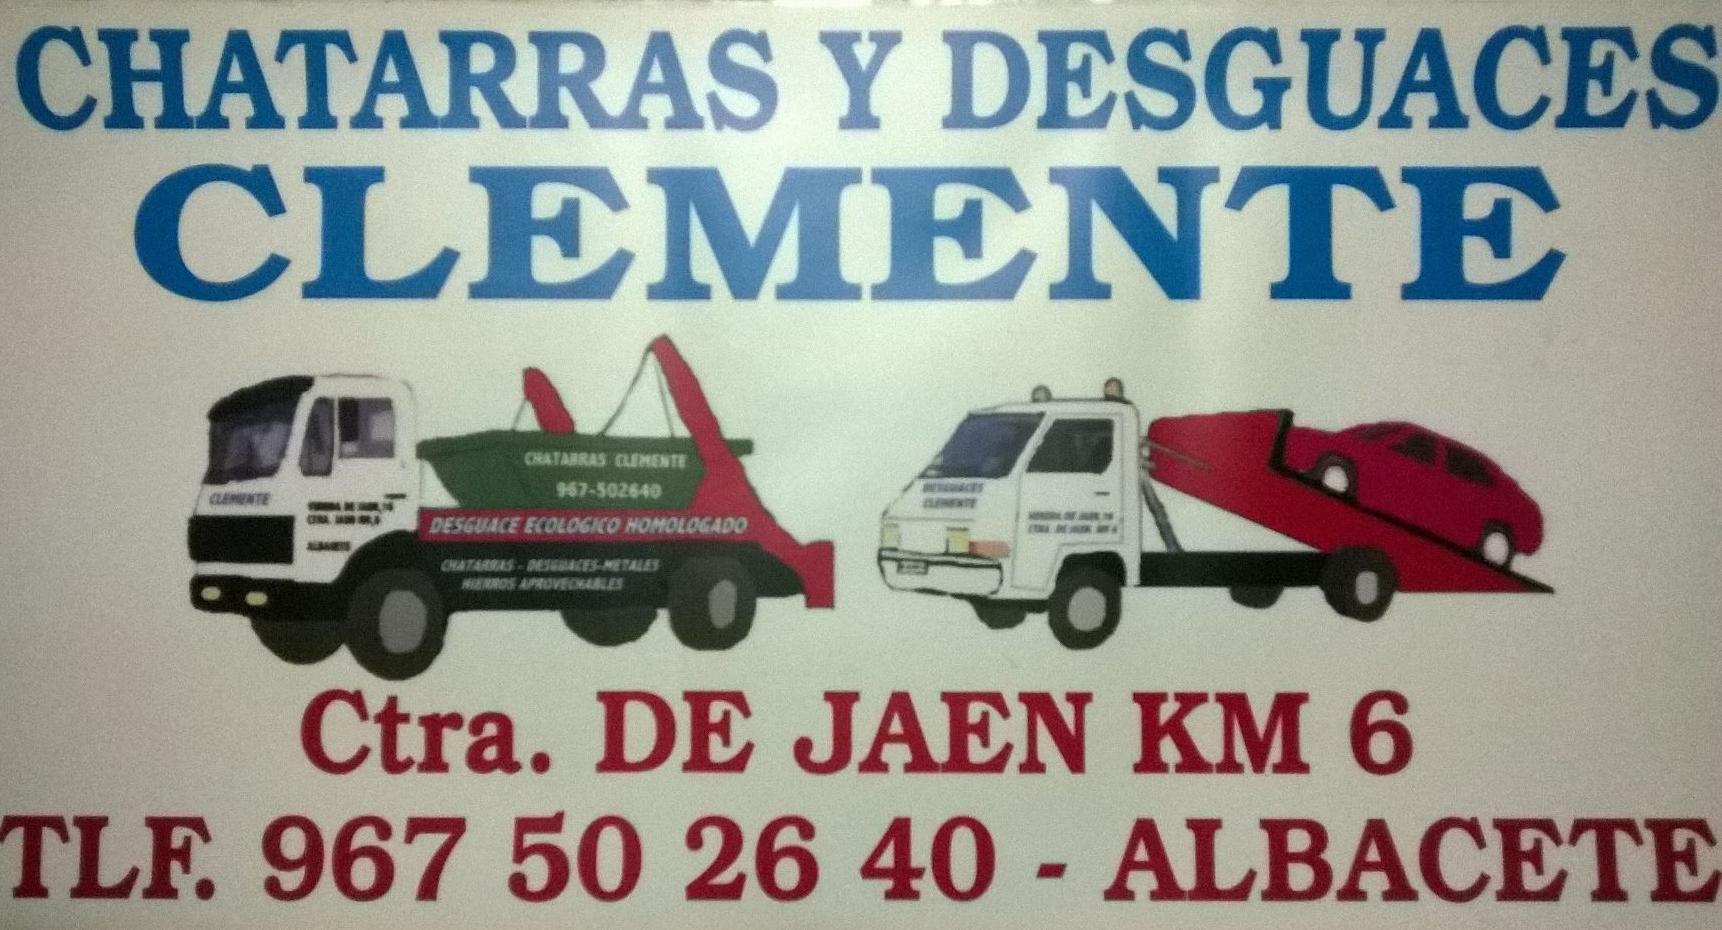 Chatarras Clemente, Desguaces Clemente. Albacete. Logotipo